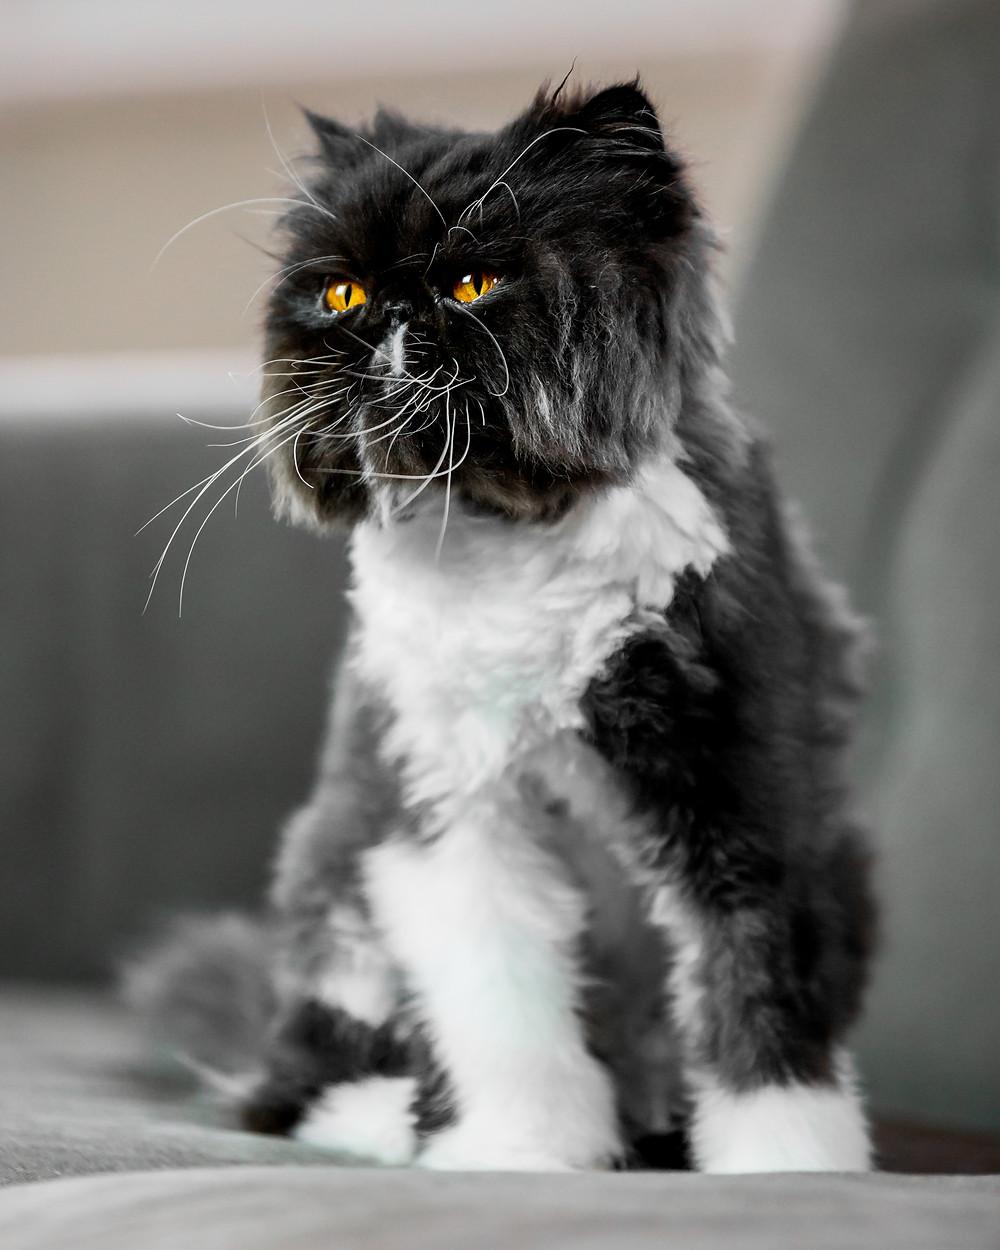 Cat photography in London. Sebastian the Persian cat